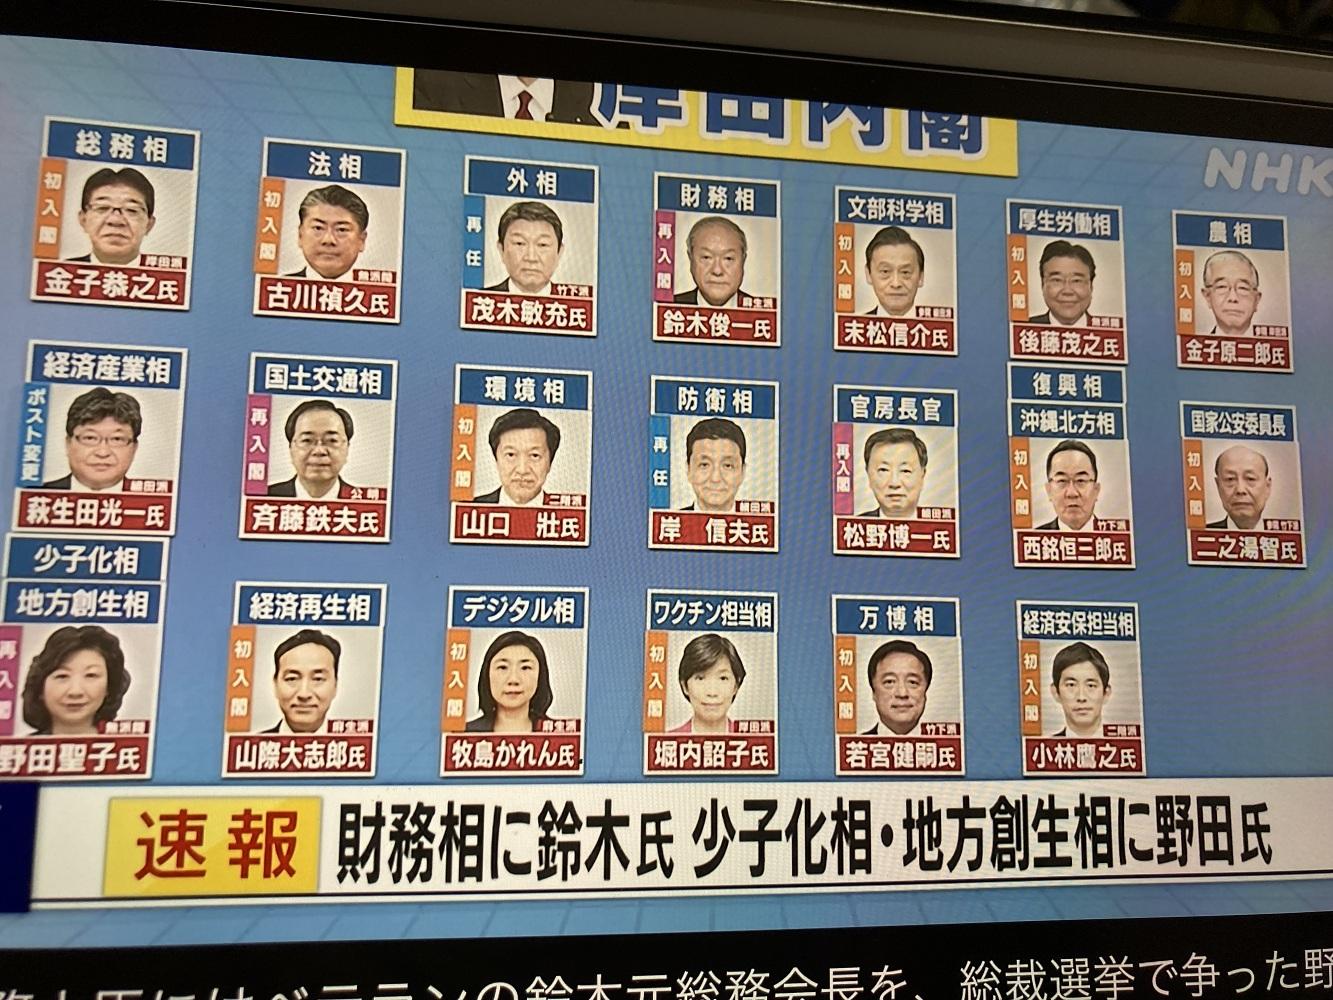 岸田內閣名單在3日晚間就出爐,4日即將發軔。 圖:攝自NHK新聞